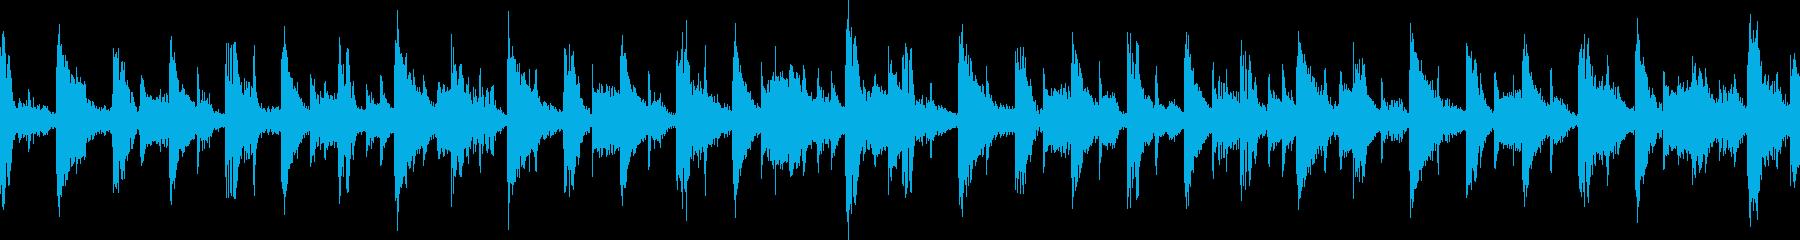 キャラ選択、システム画面(ループ)5の再生済みの波形